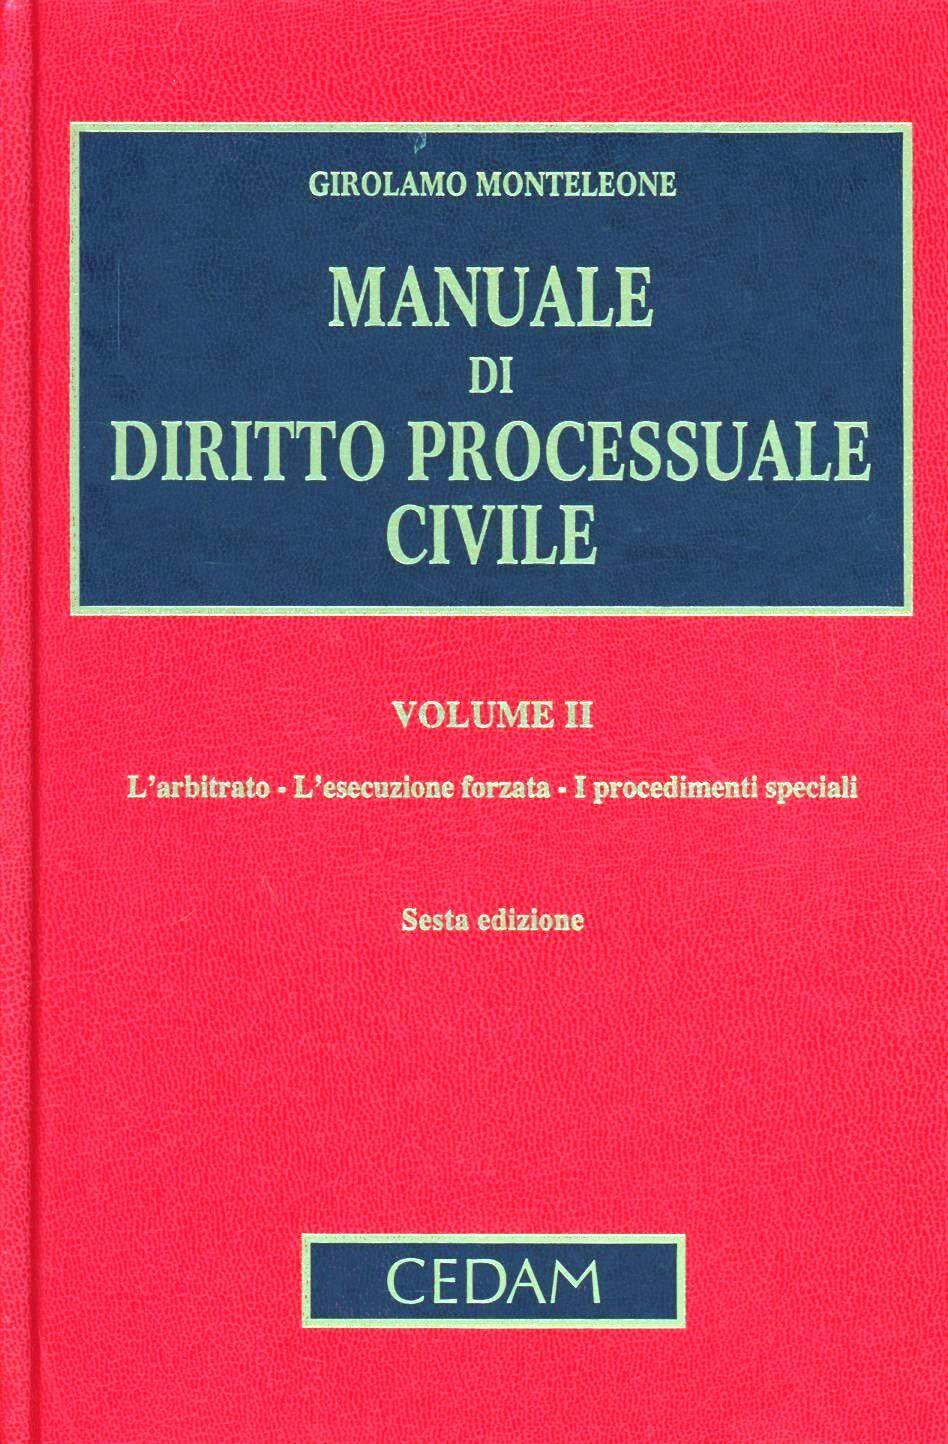 Manuale di diritto processuale civile. Vol. 2: L'arbitrato. L'esecuzione forzata. I procedimenti speciali.